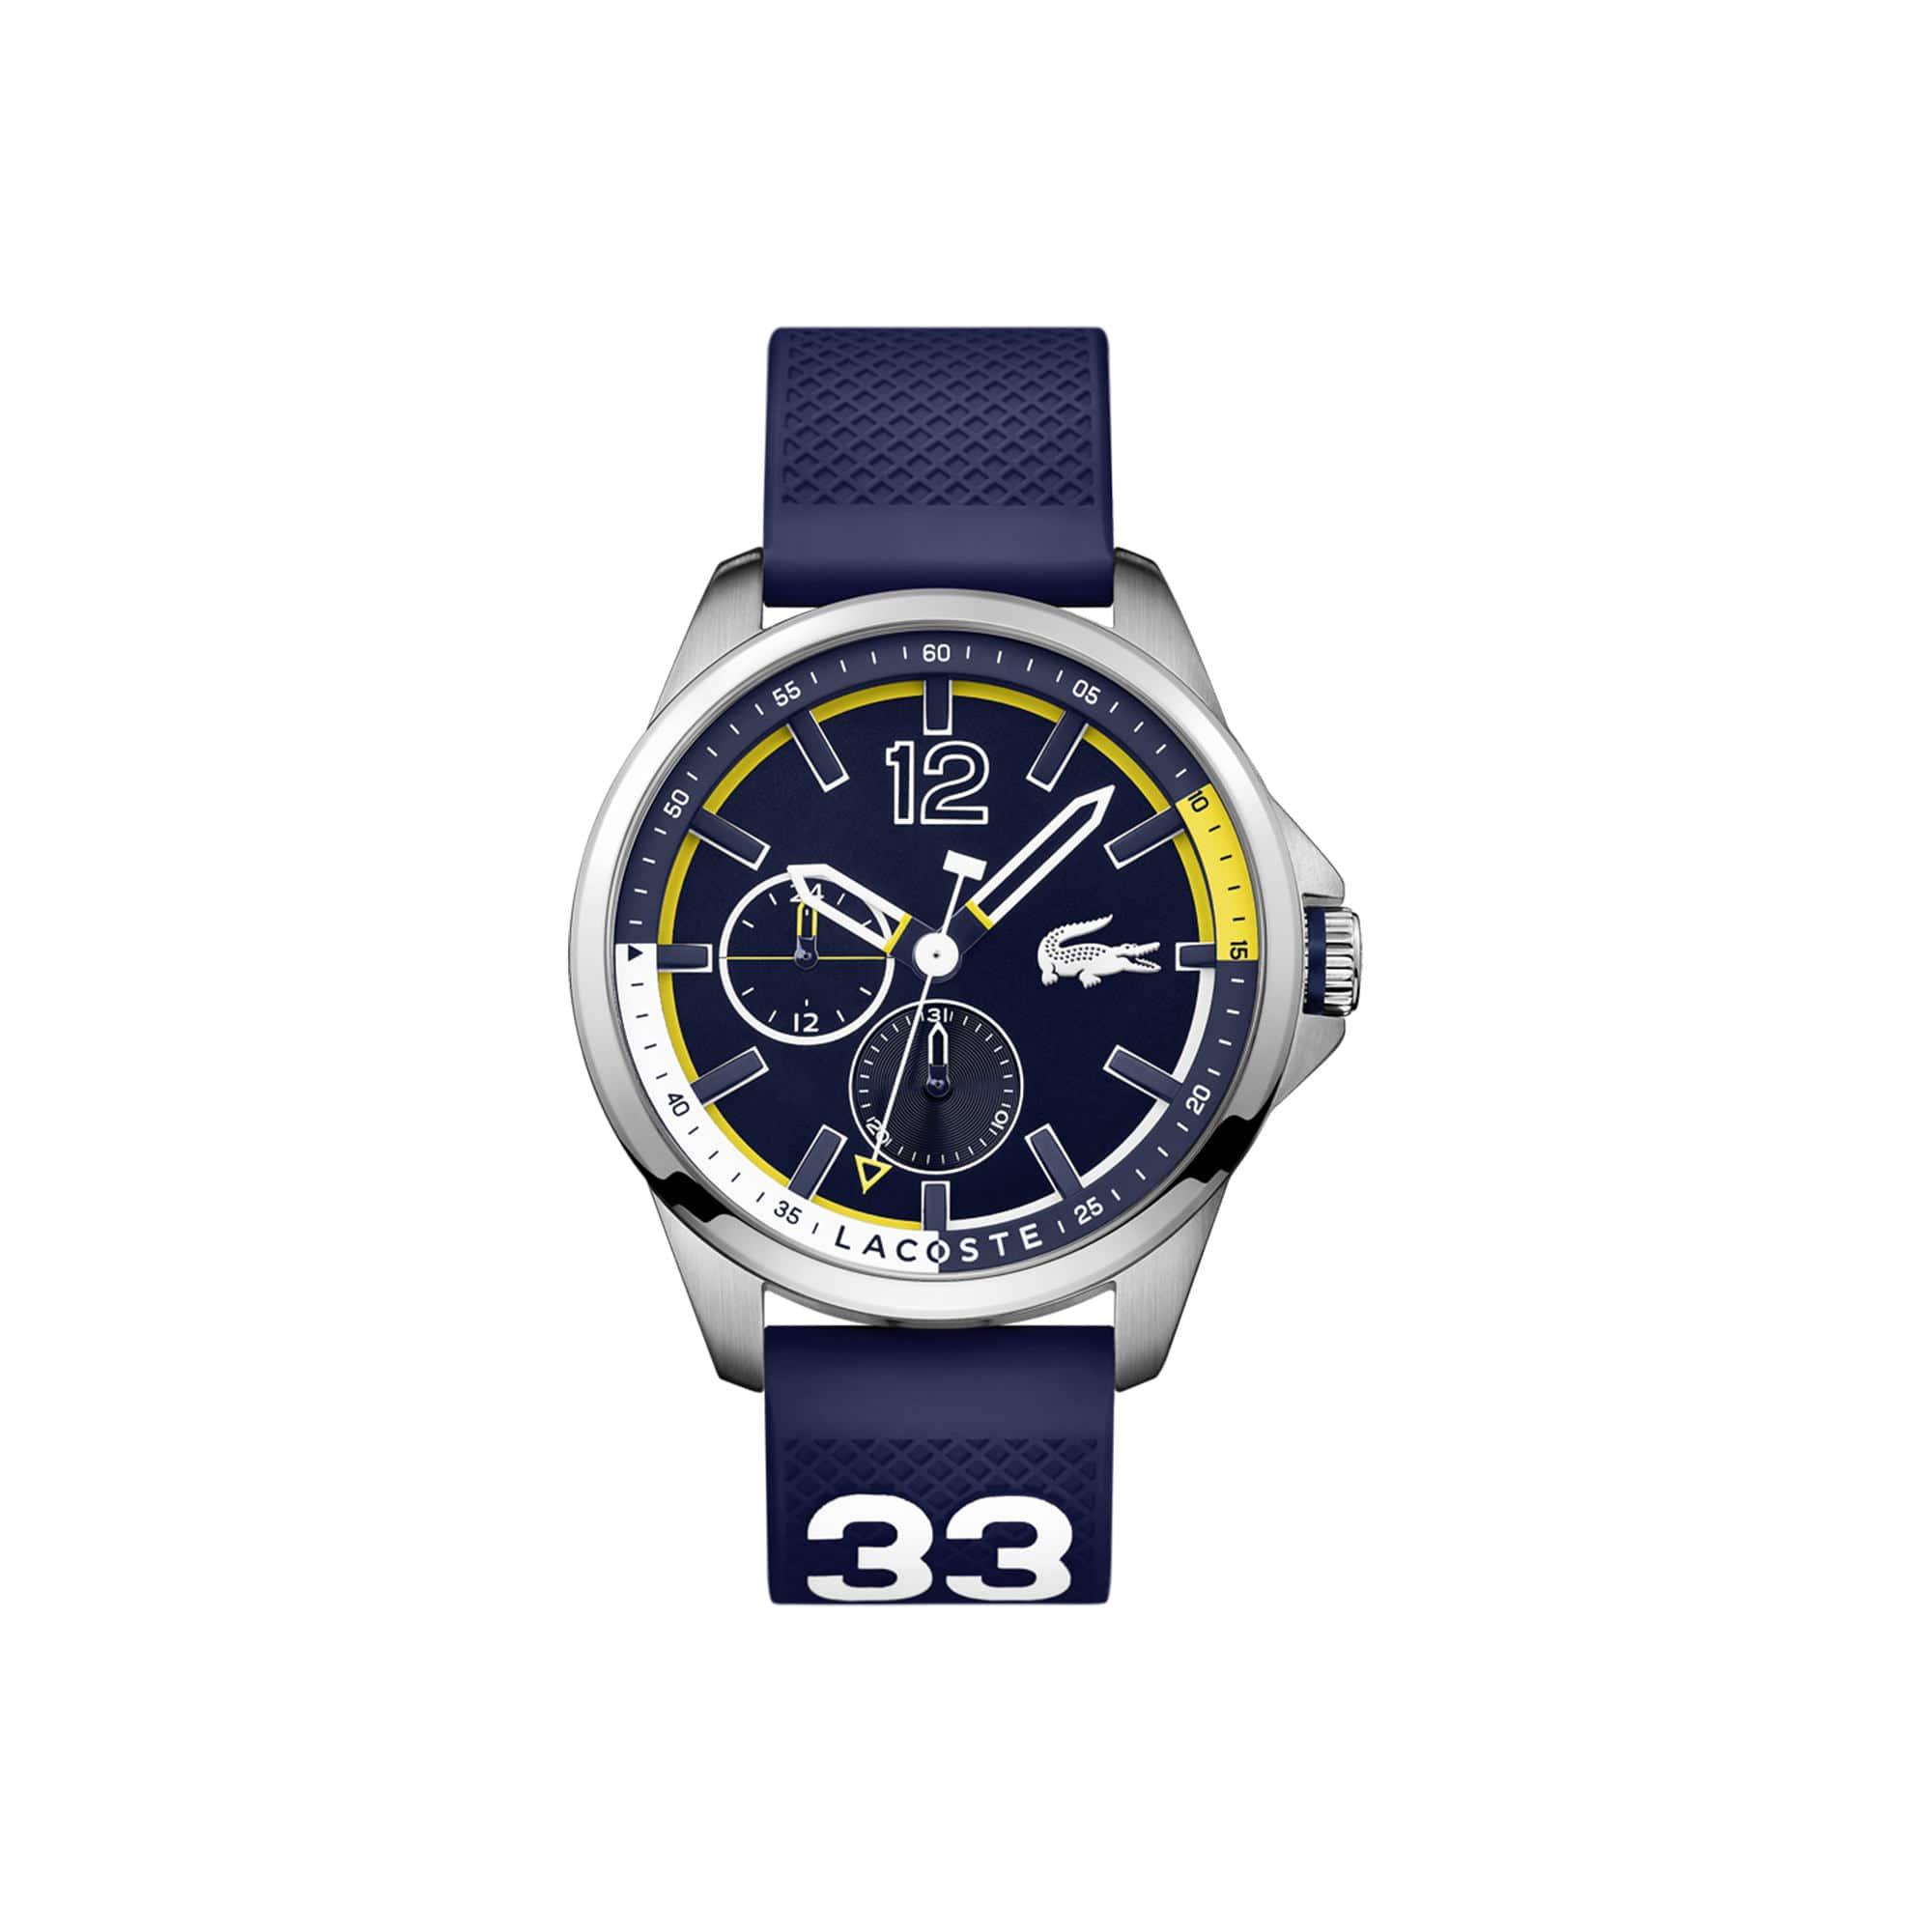 ساعة Capbreton رجالية مع حزام أزرق من السيليكون